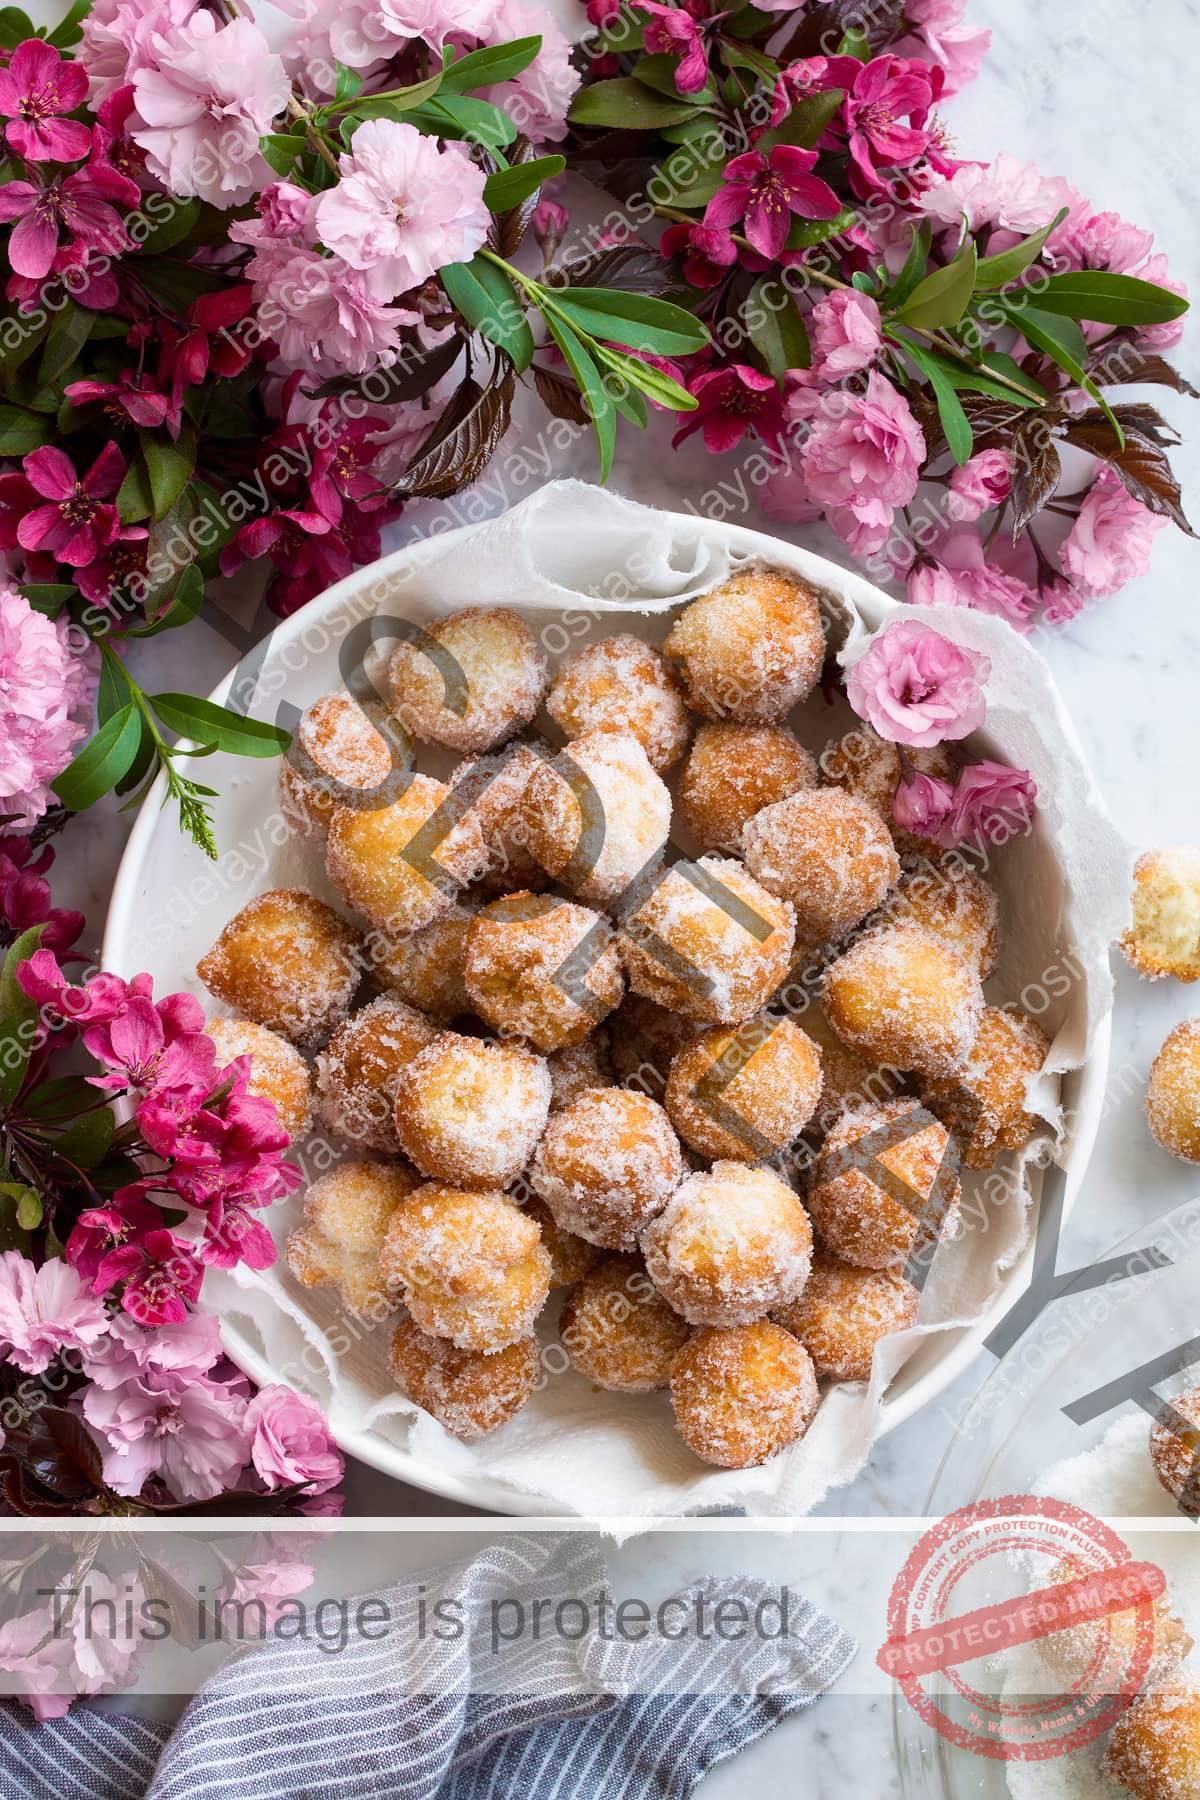 Donut agujeros en un cuenco rodeado de flores.